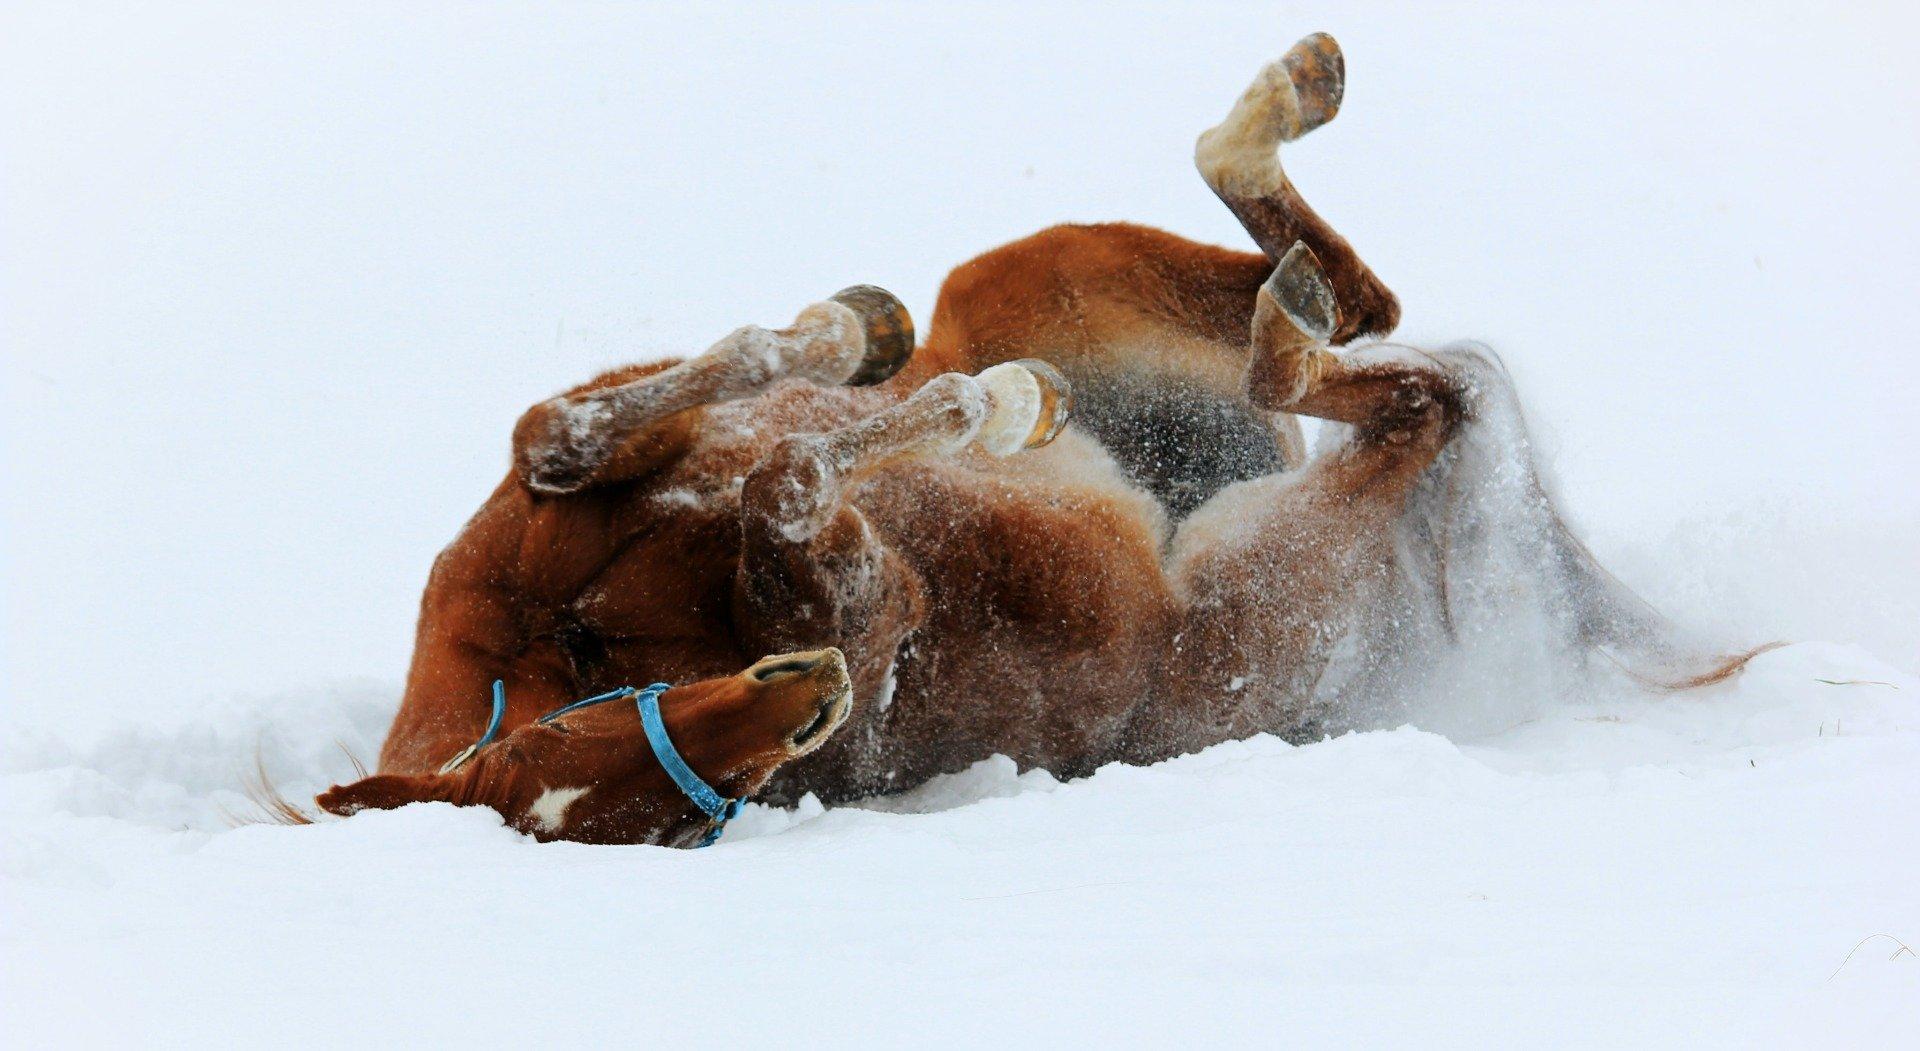 Pferd wälzt sich im Schnee